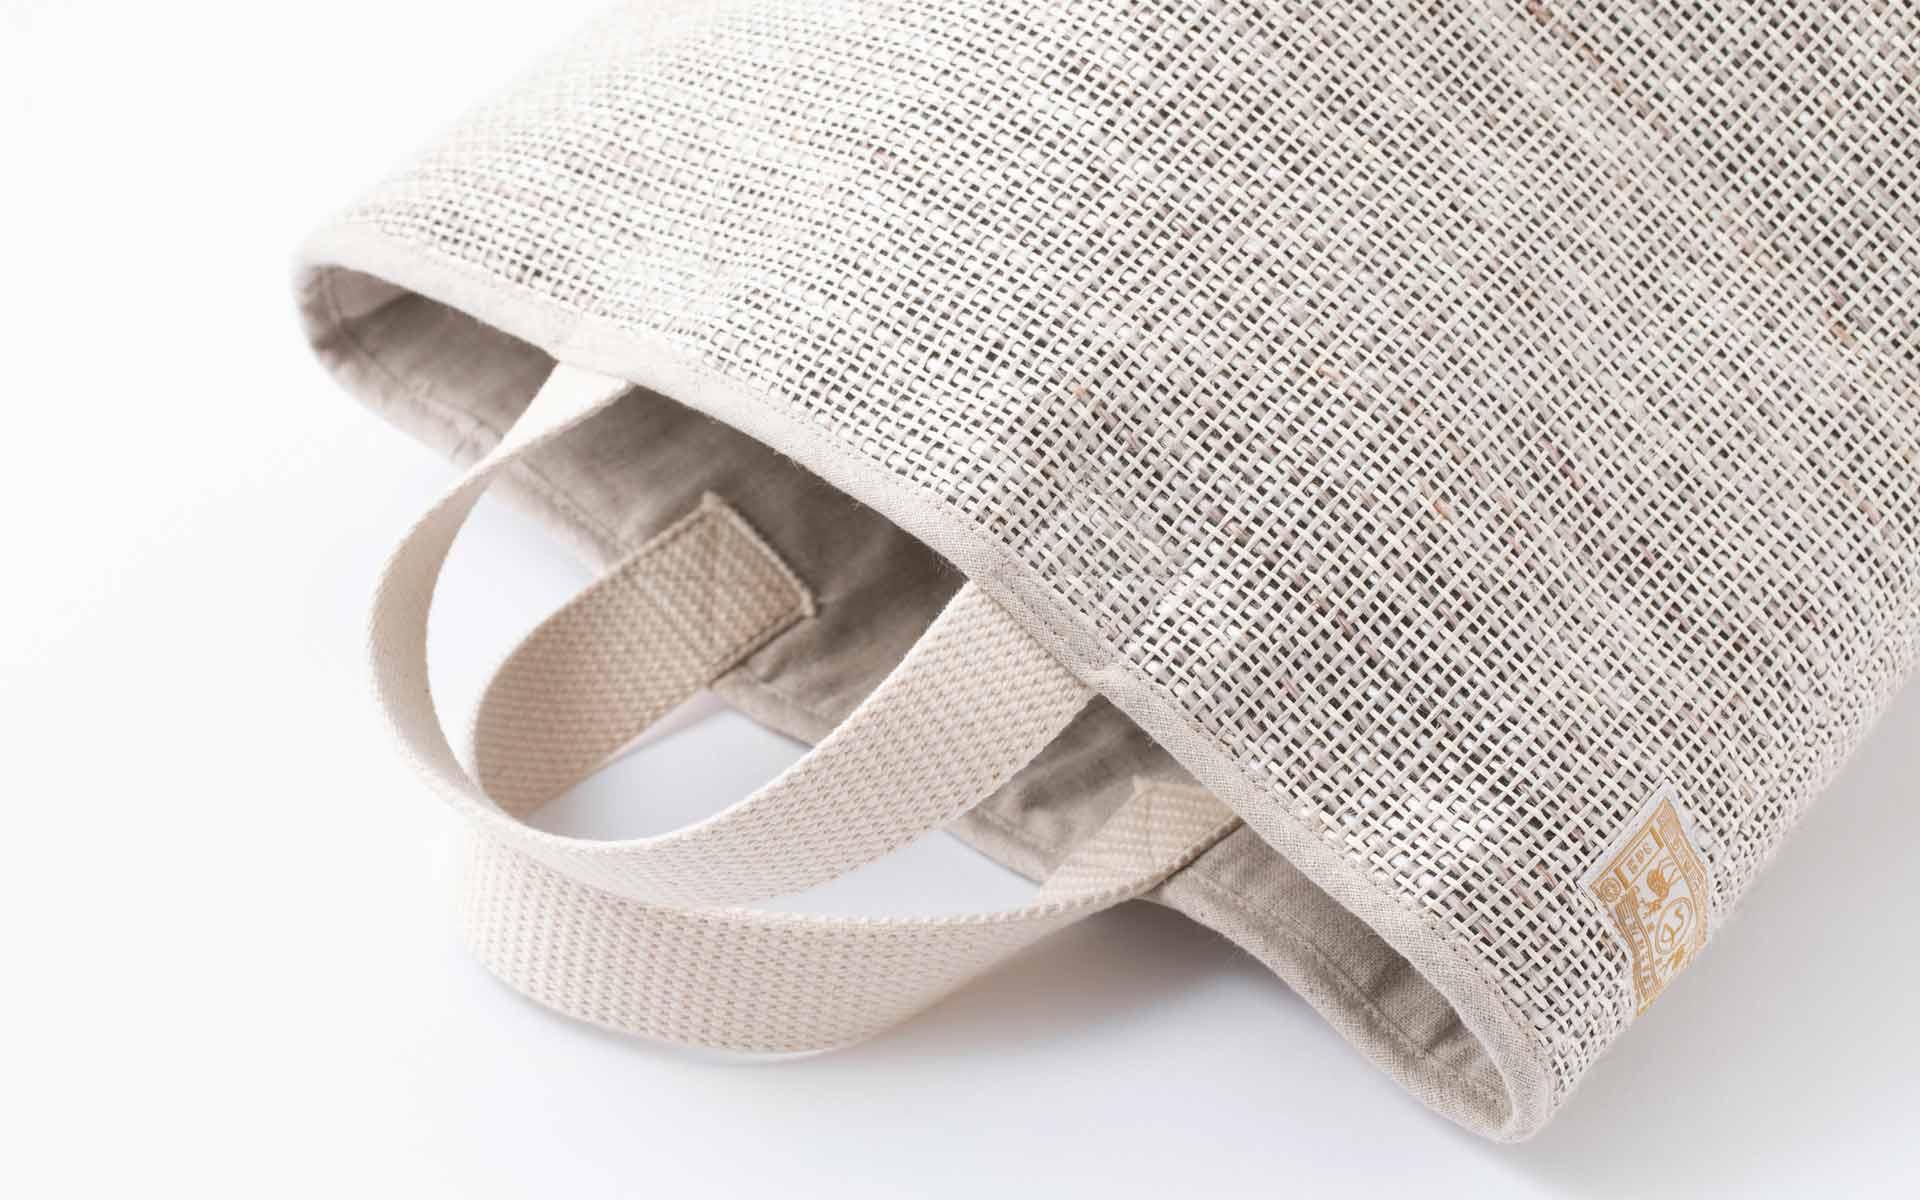 軽くて丈夫な「壁紙バッグ」。京都 小嶋織物が継ぐ「日本一目の粗い織物」産地の底力